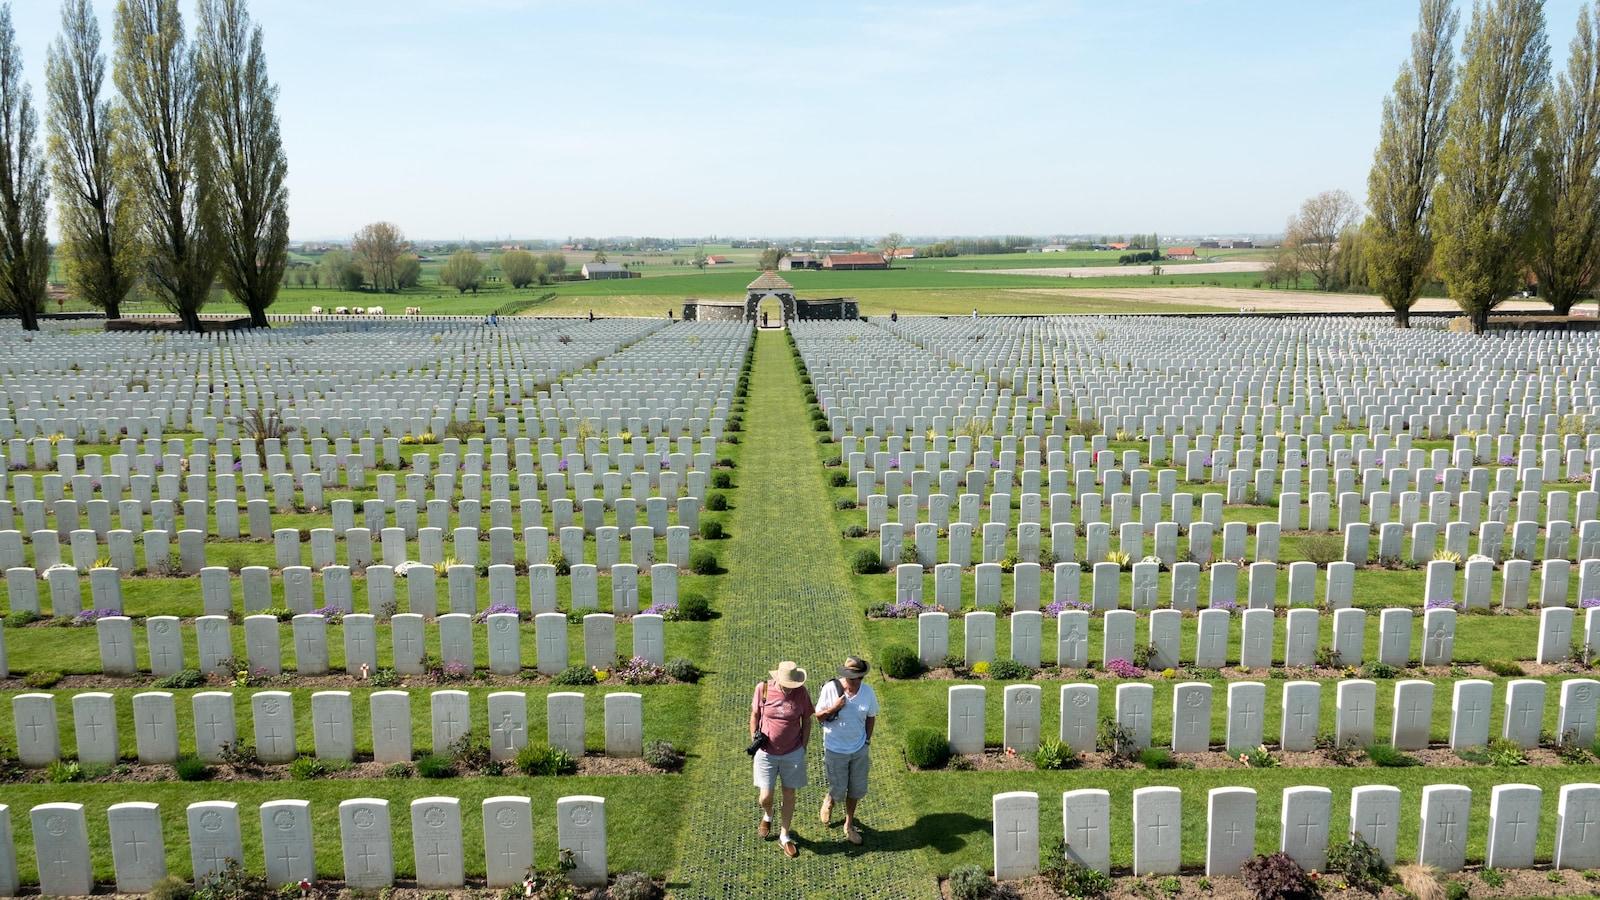 Un couple se promène dans l'allée centrale entre les tombes.